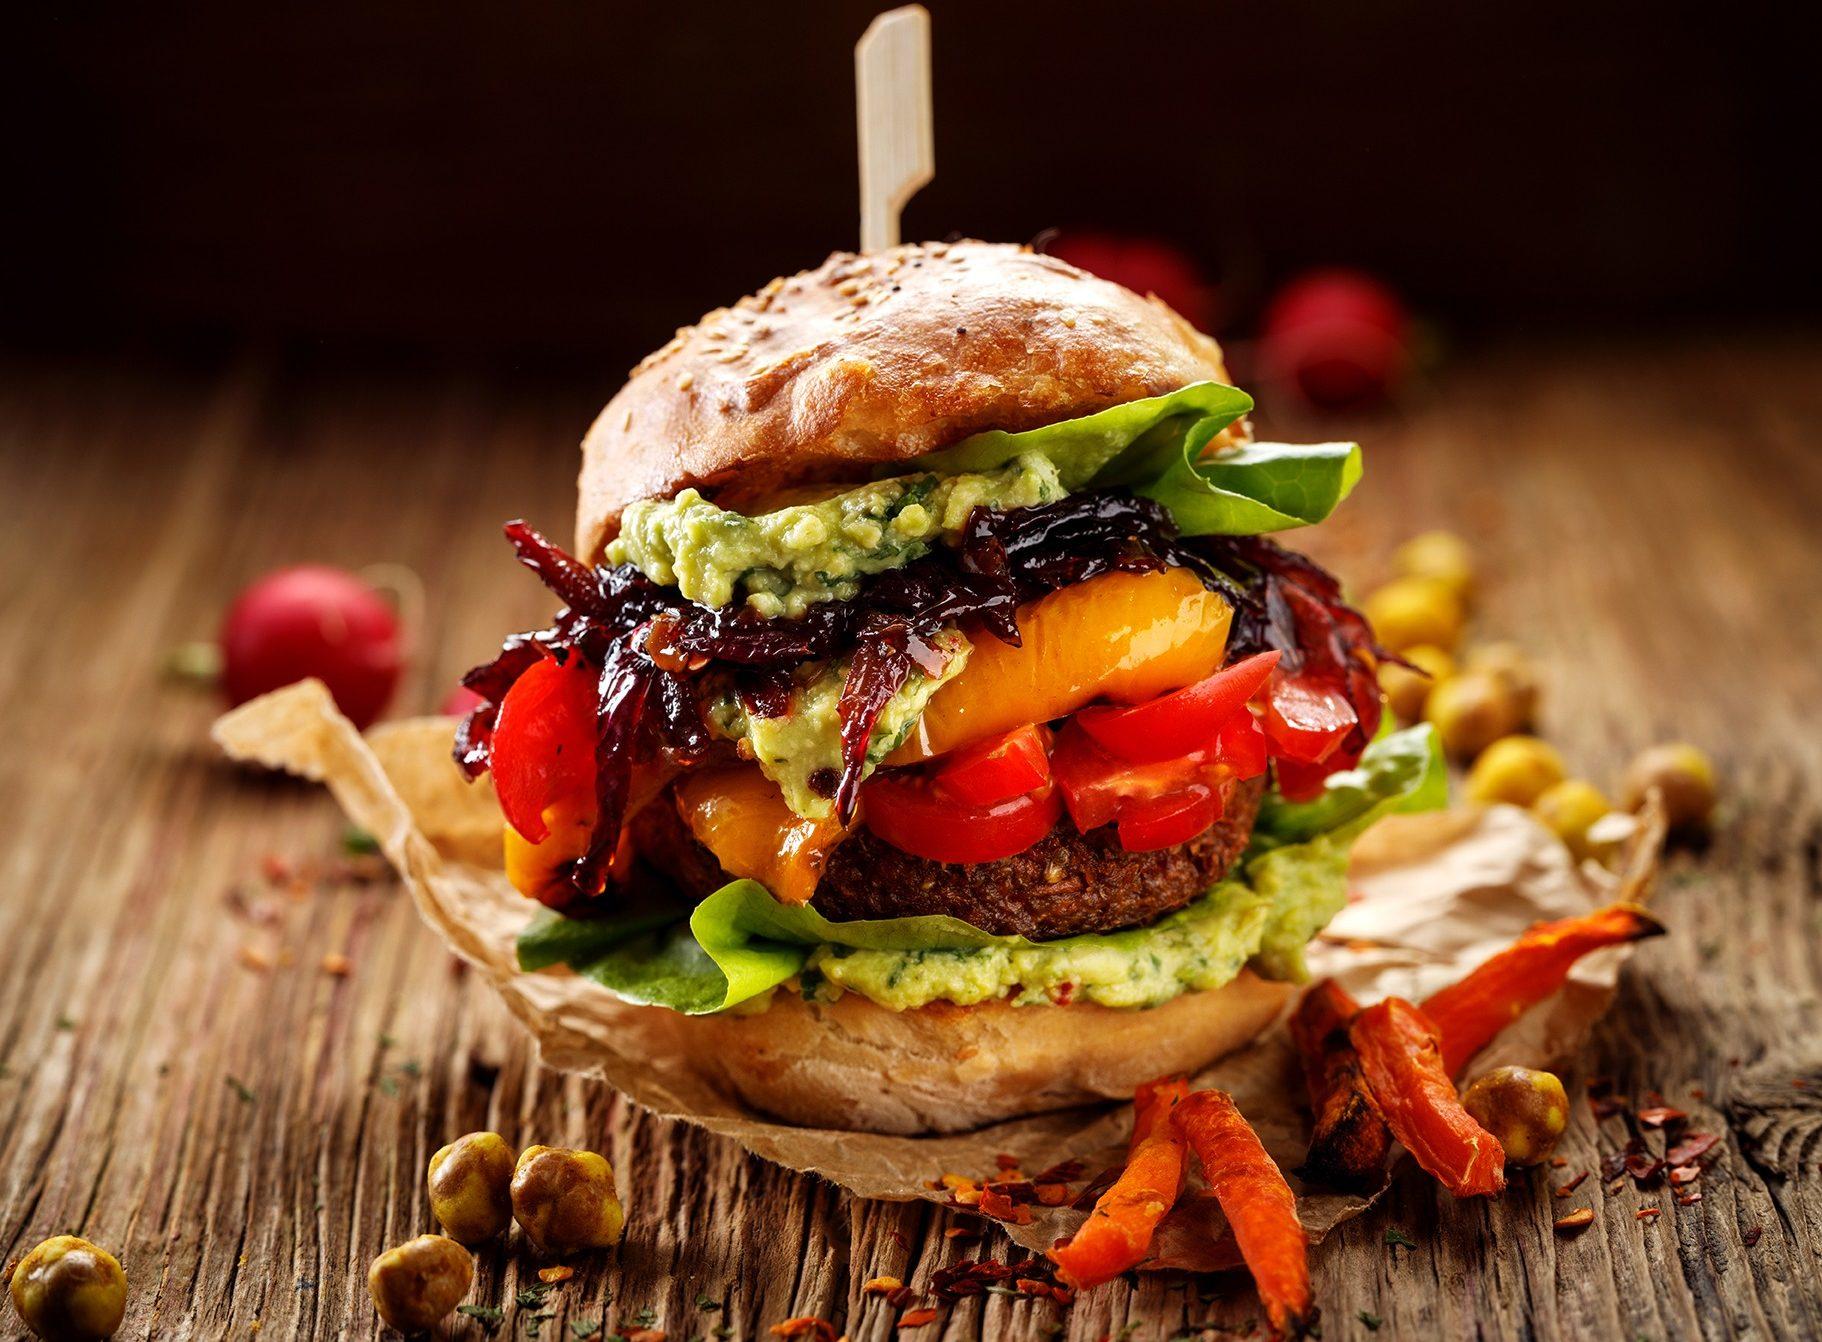 Vegan Burger, Carrot Burger, Homemade Burger With Carrot Cutlet,